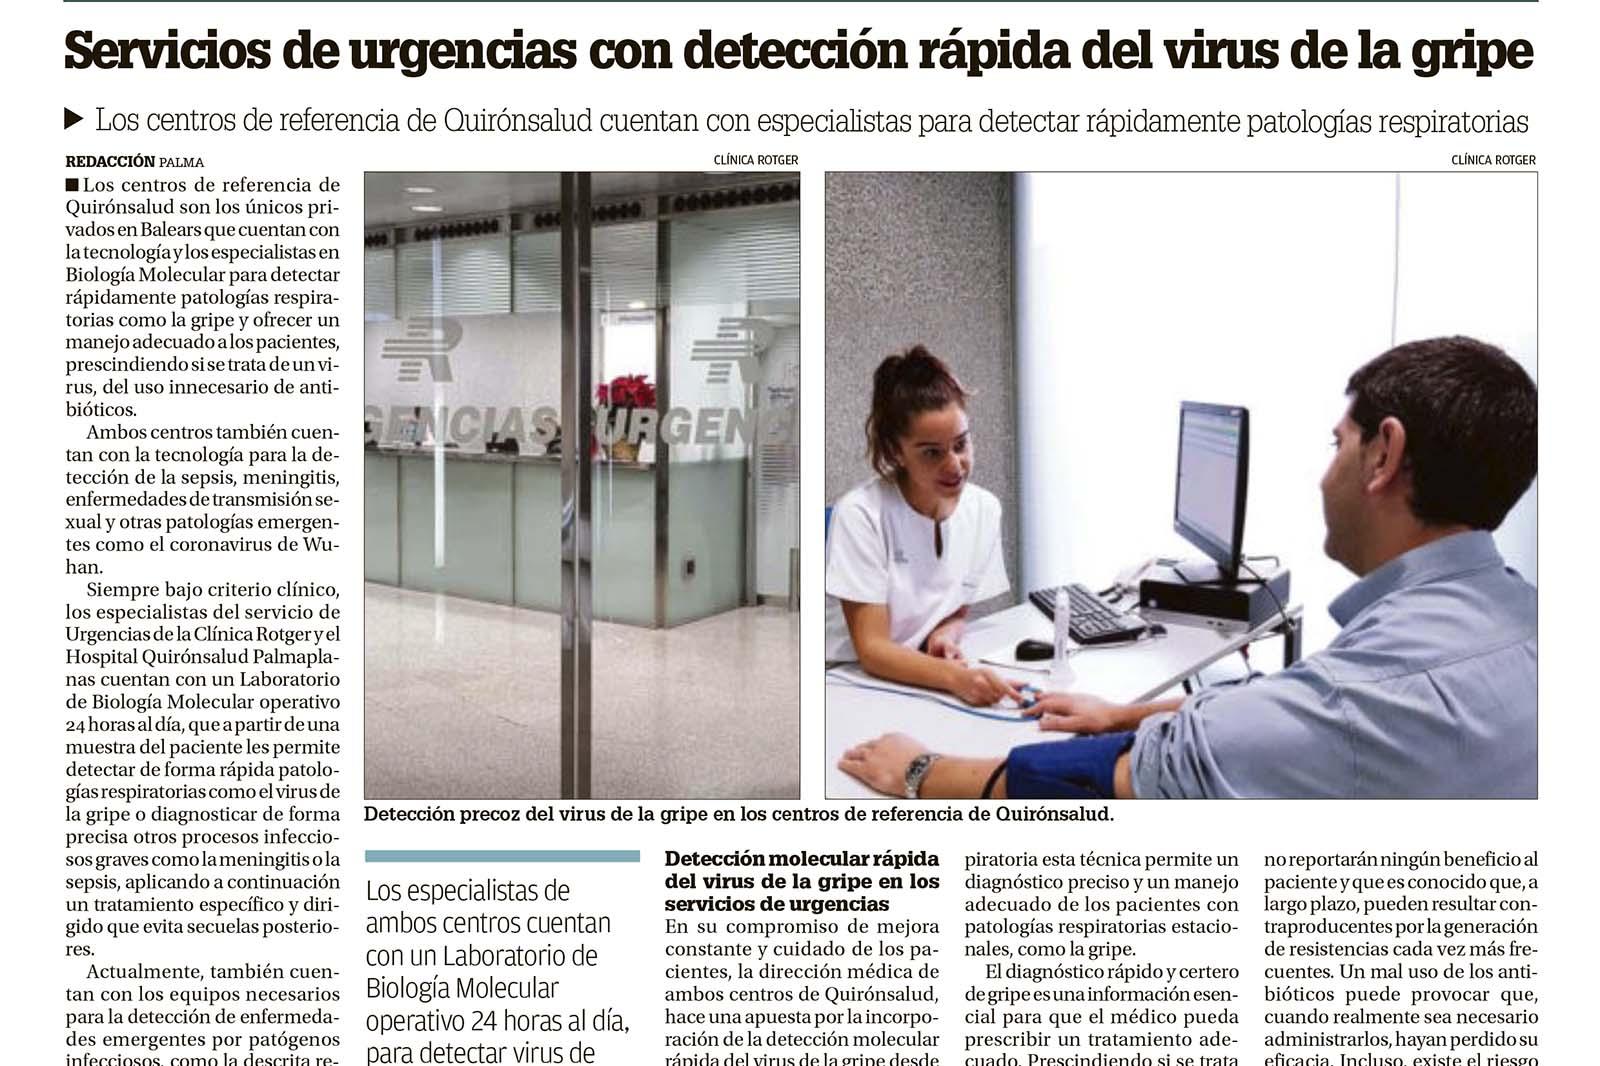 Servicio de Urgencias con detección rápida del virus de la gripe.